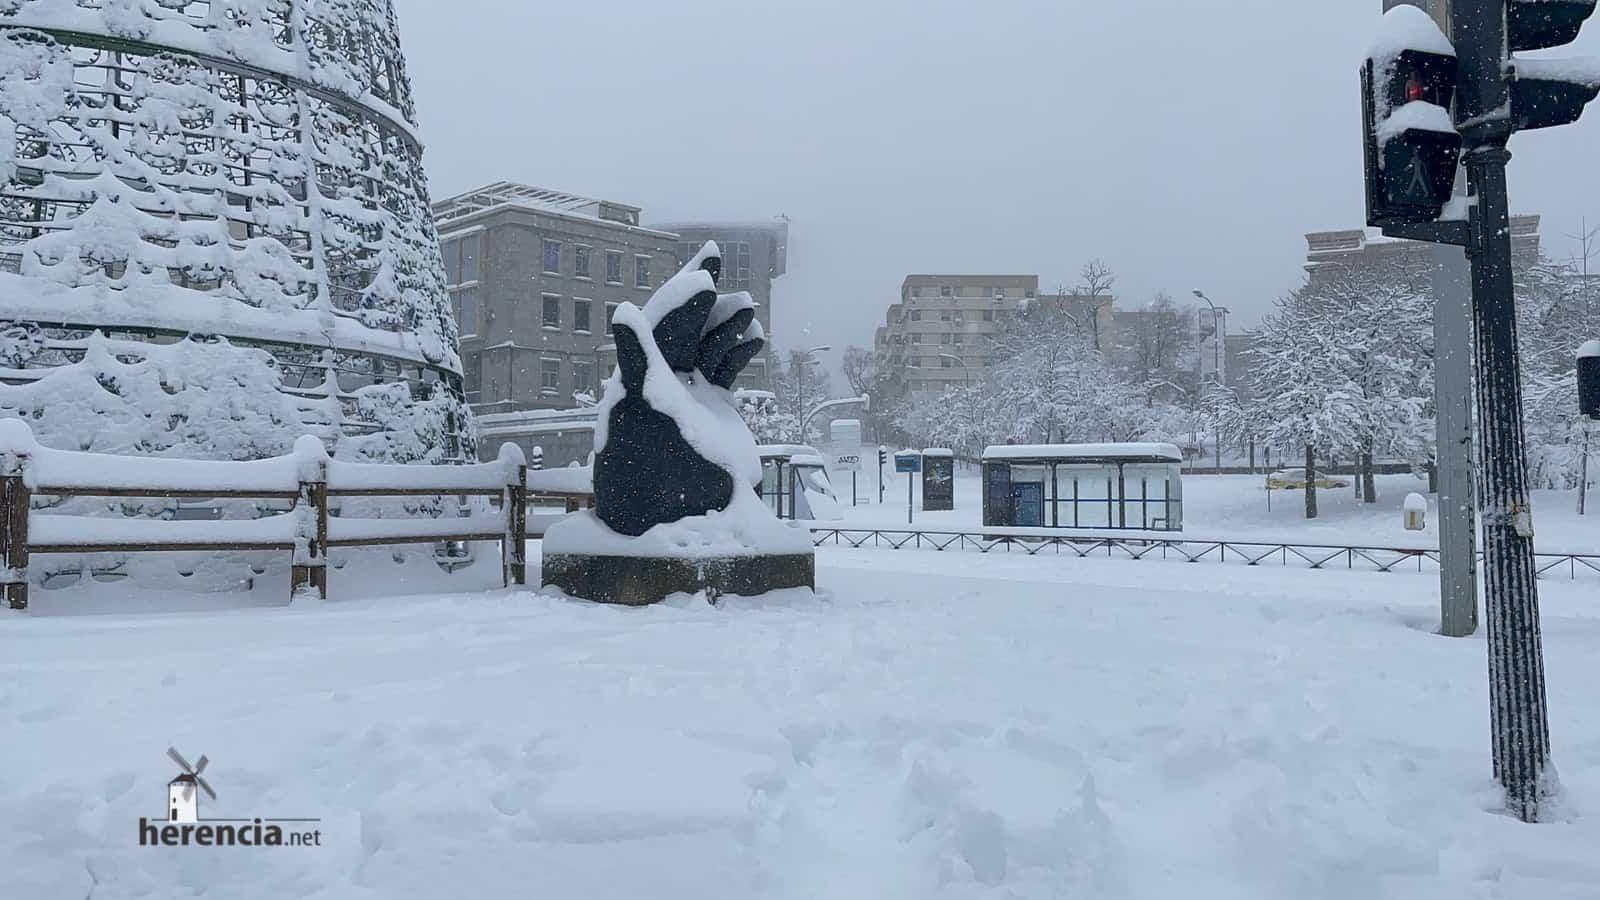 Más fotografías de las nieves de 2021 en Herencia 156